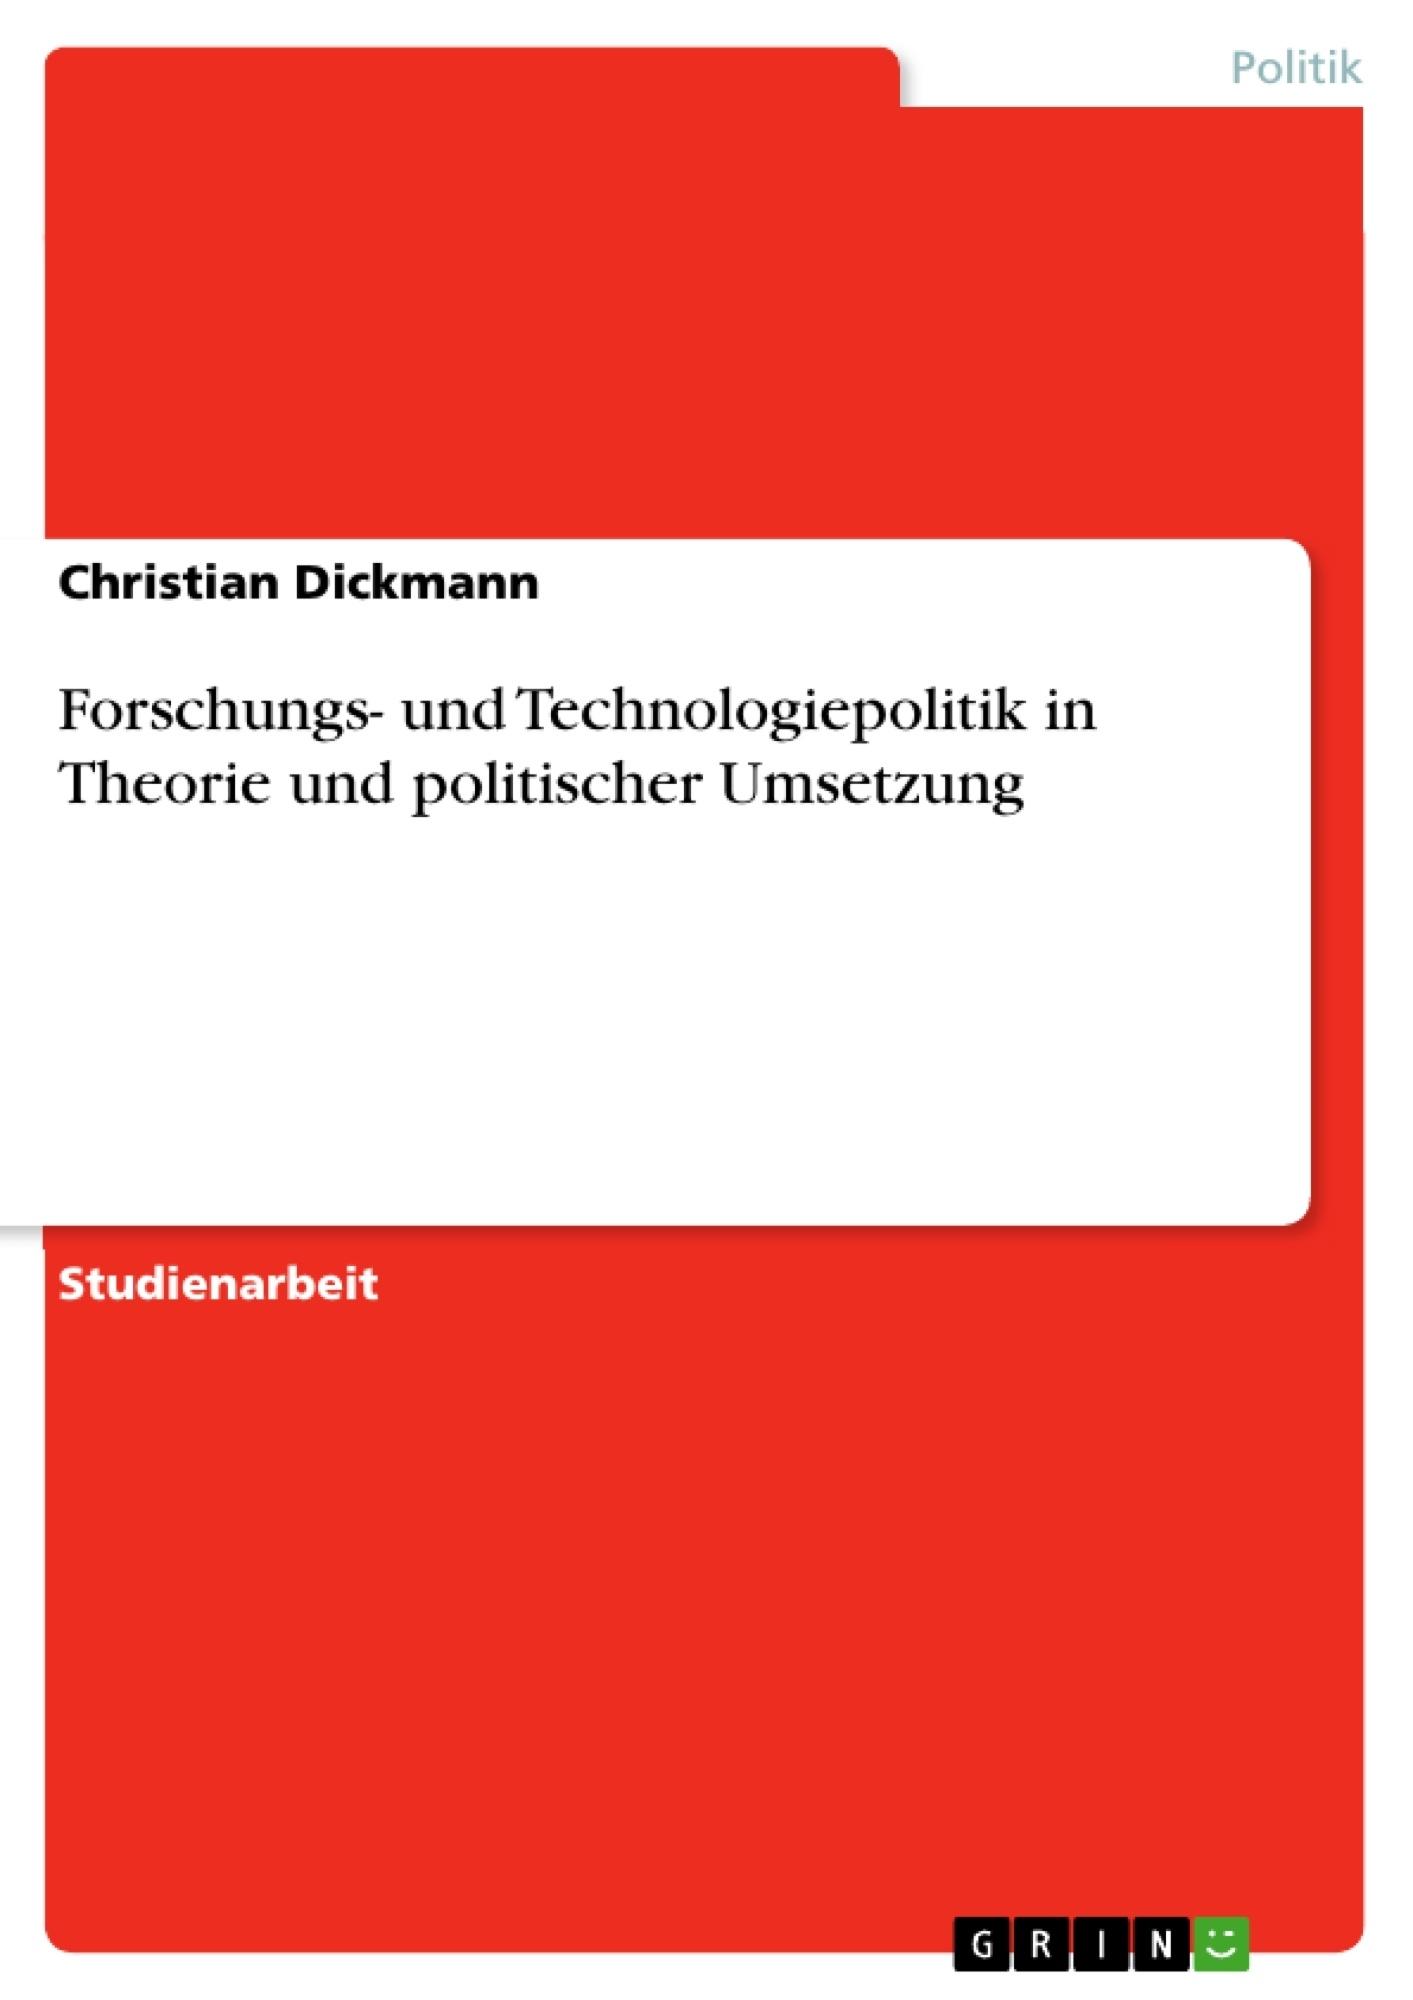 Titel: Forschungs- und Technologiepolitik in Theorie und politischer Umsetzung